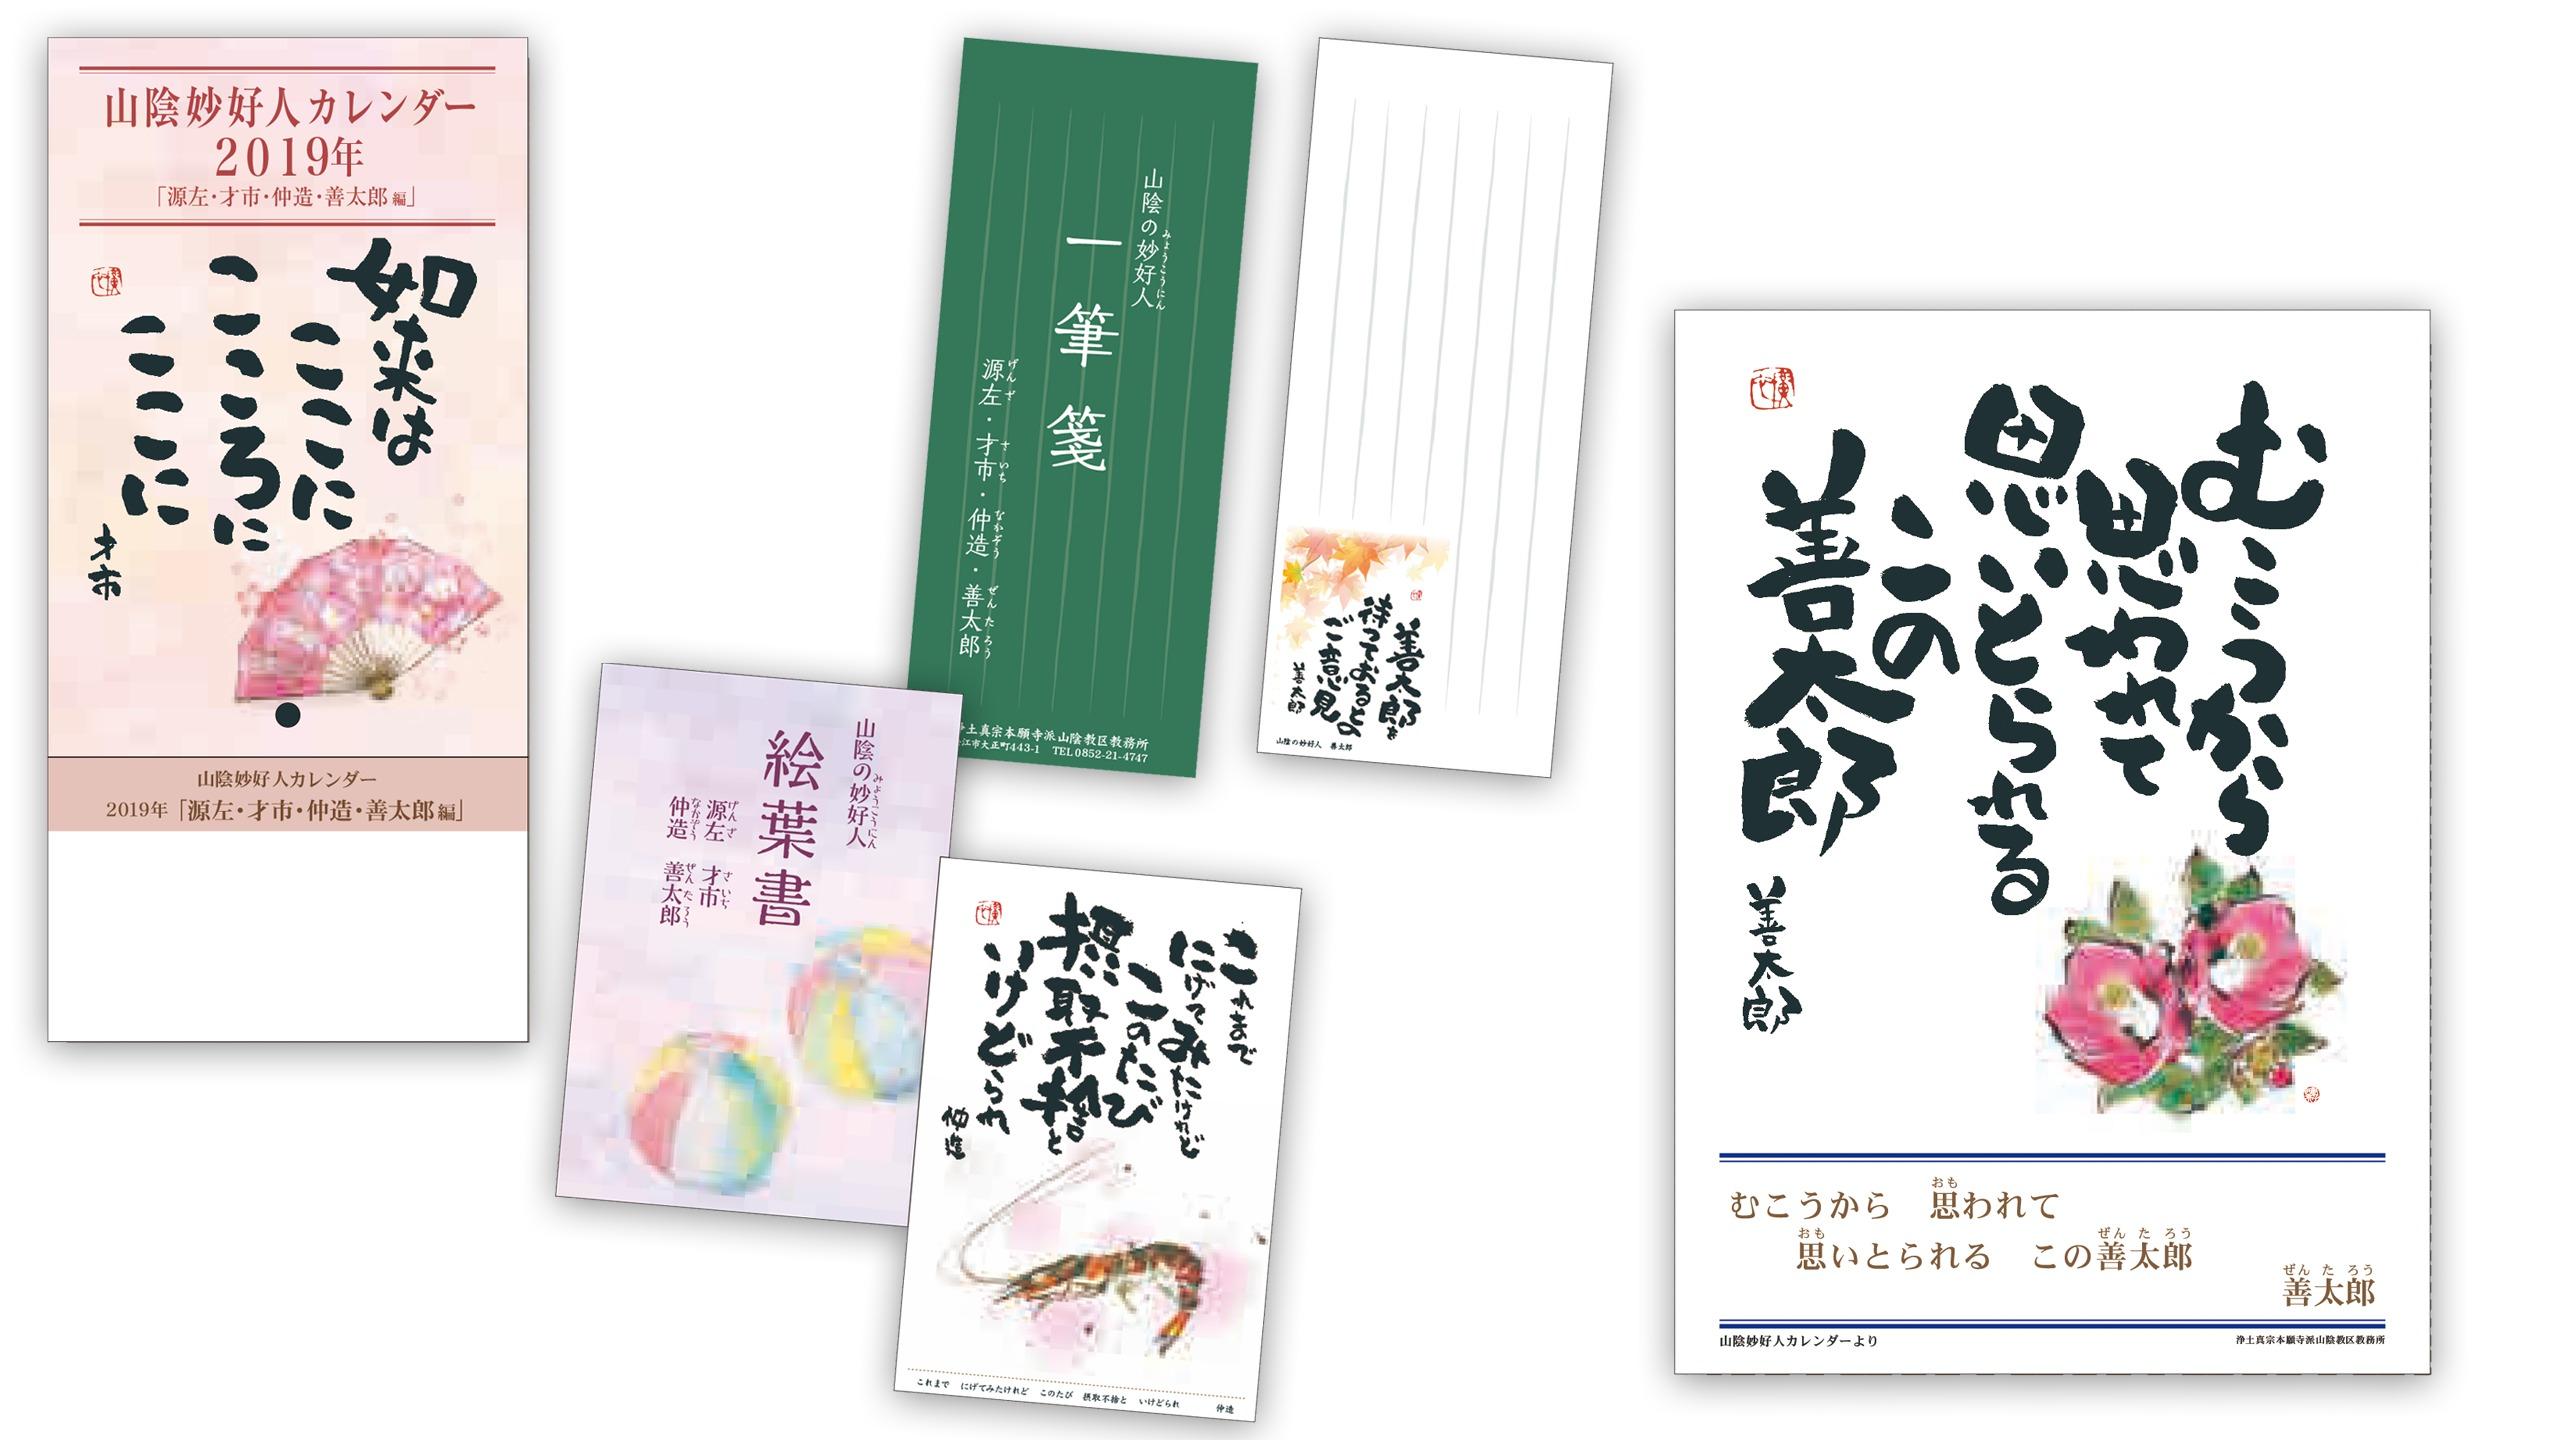 2019年版 山陰妙好人シリーズ 伝道教化資料